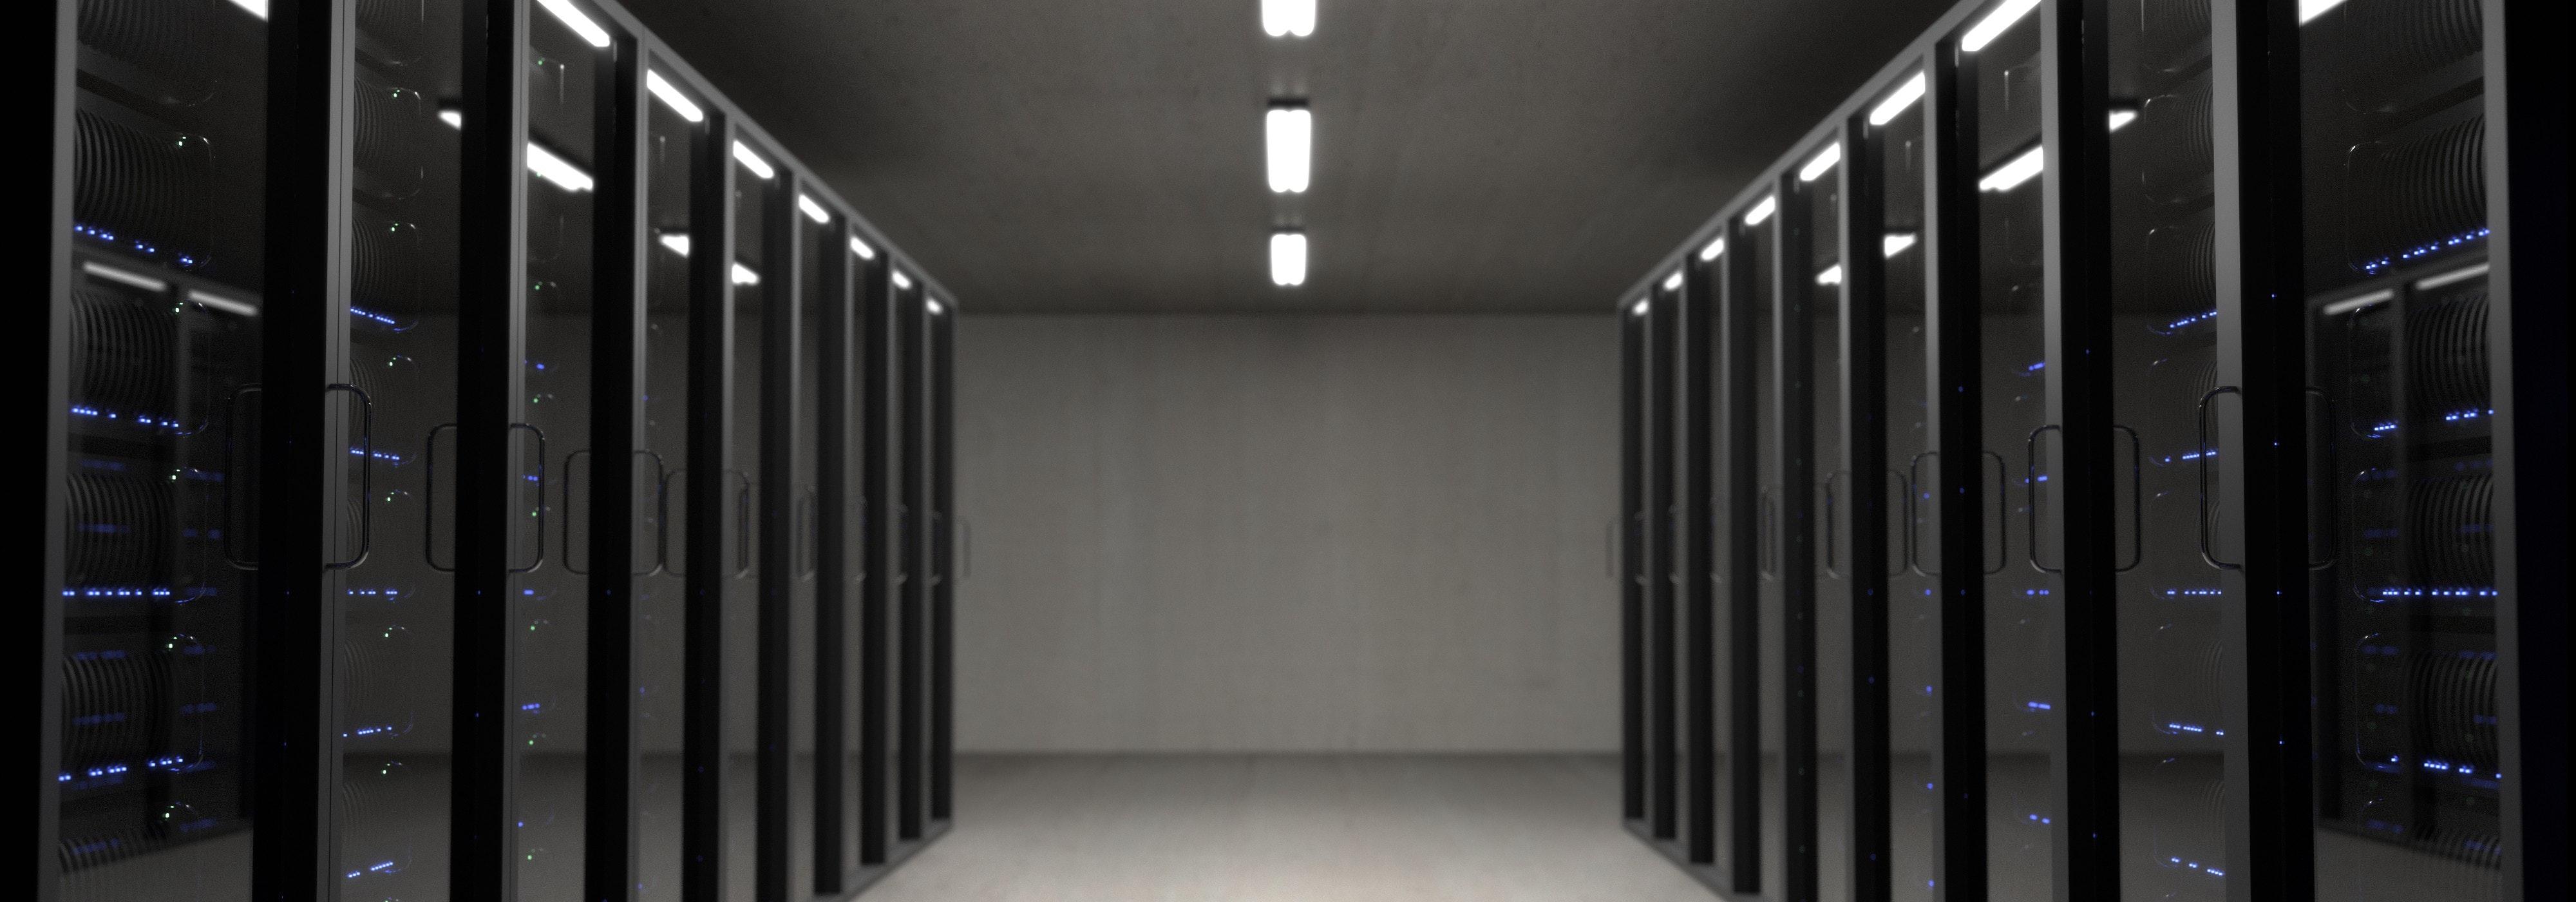 Storage Optimisation Services